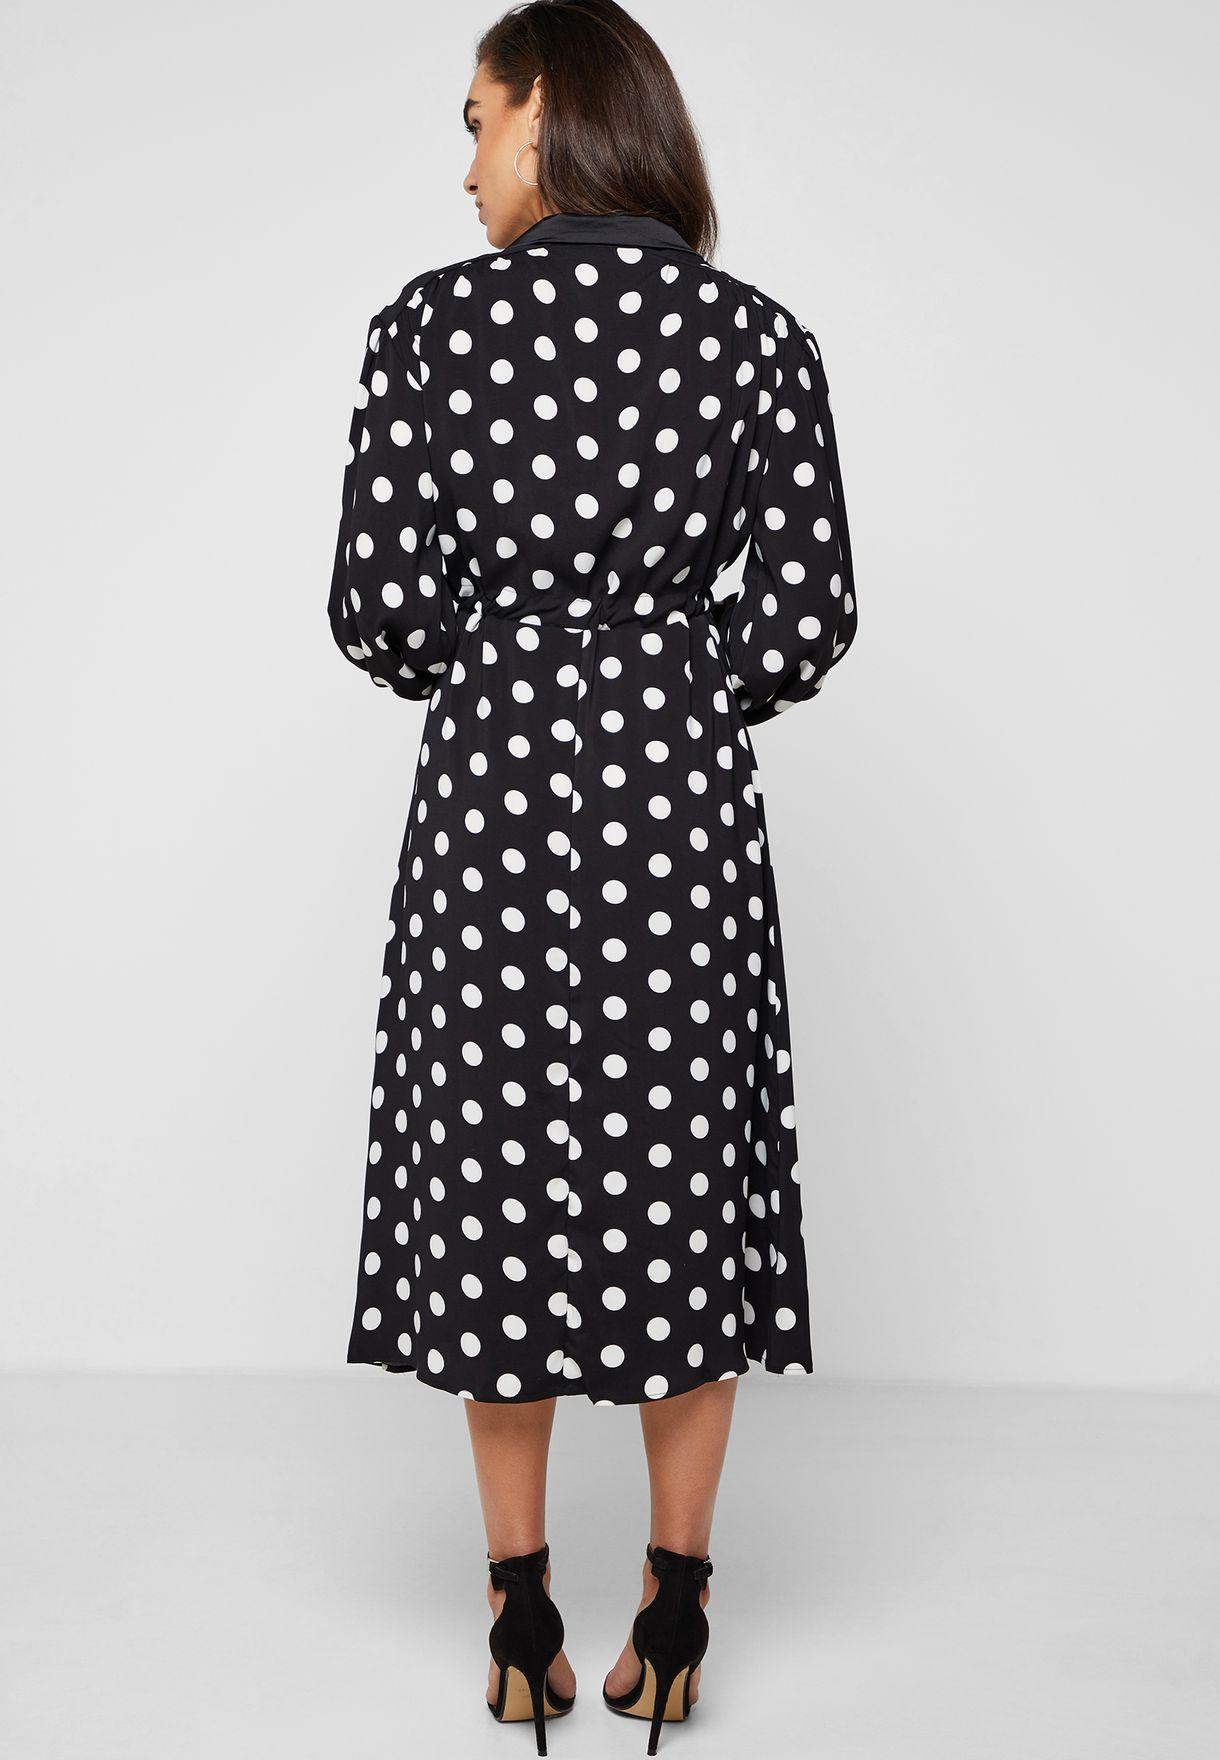 فستان ميدي بطبعات نقاط بولكا مع اربطة